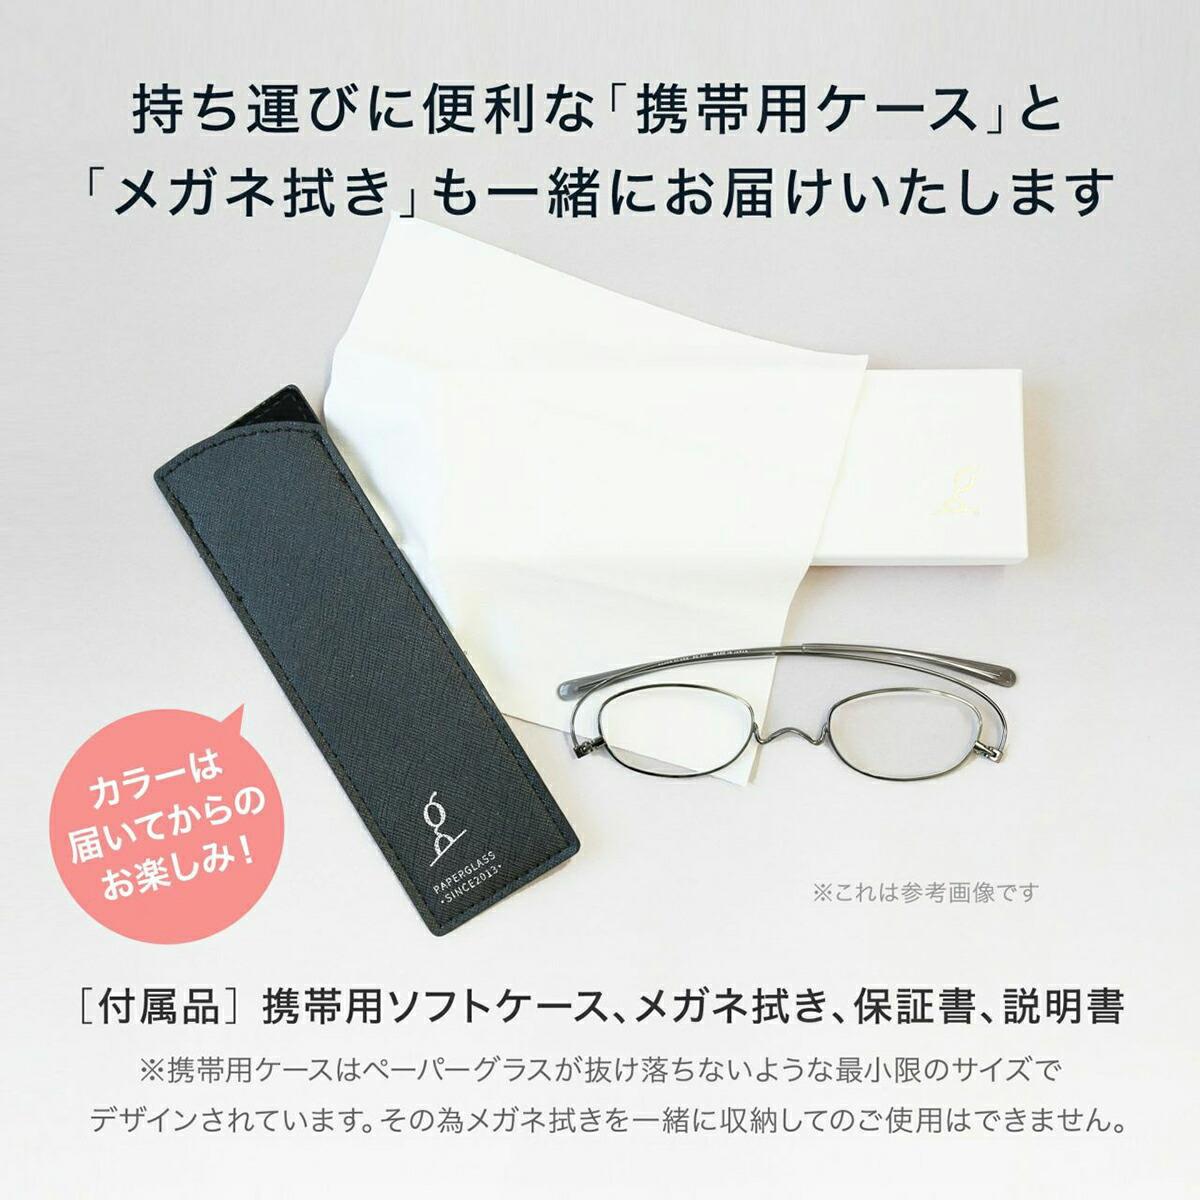 ペーパーグラス、付属ケース(フェドン製)、付属メガネ拭き※付属メガネ拭きは「最高級キョンセームメガネ拭き」や「マイクロファイバーメガネ拭き」とは異なります。